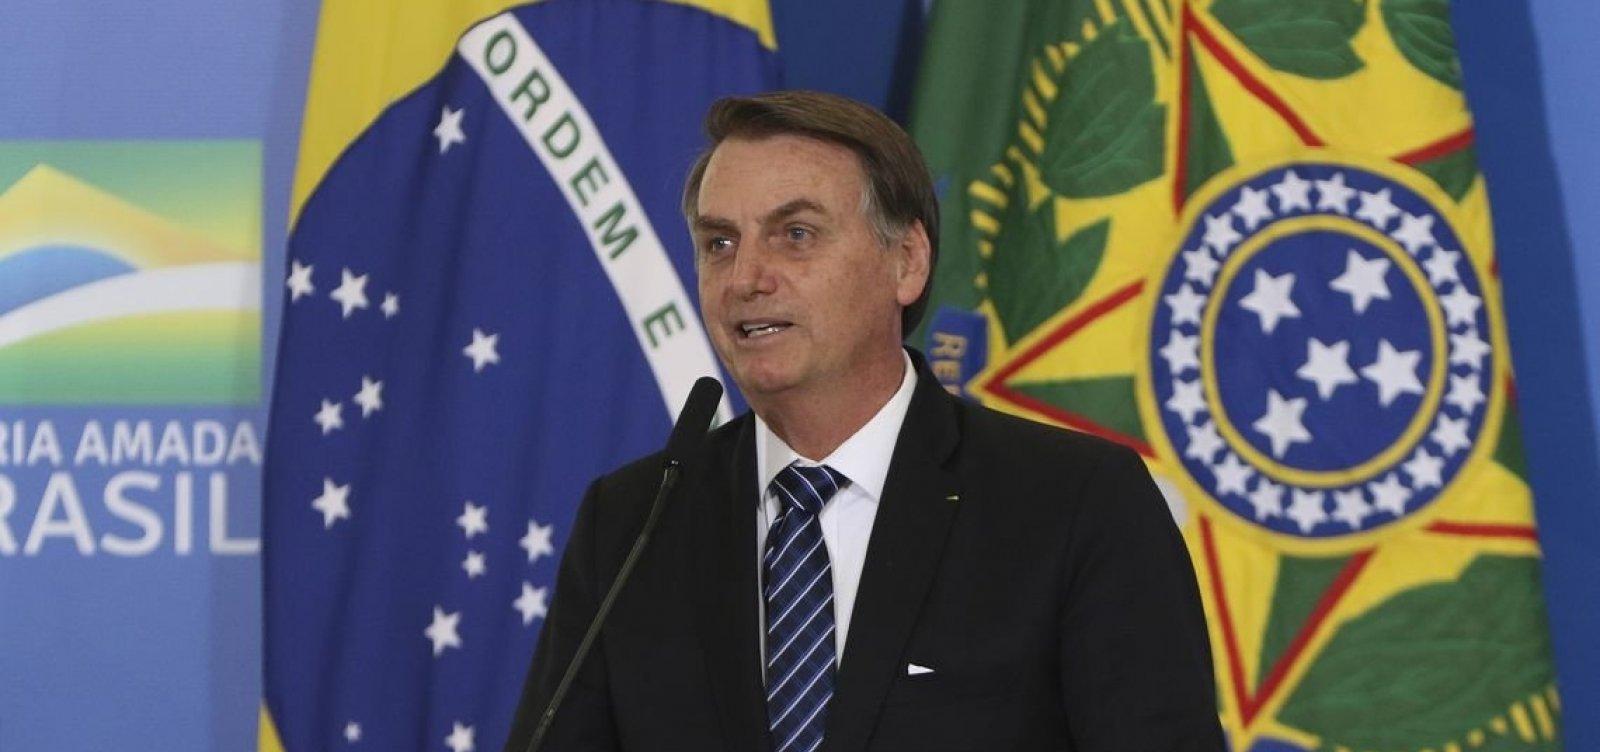 'O bem vencerá o mal', diz Bolsonaro sobre crise no PSL